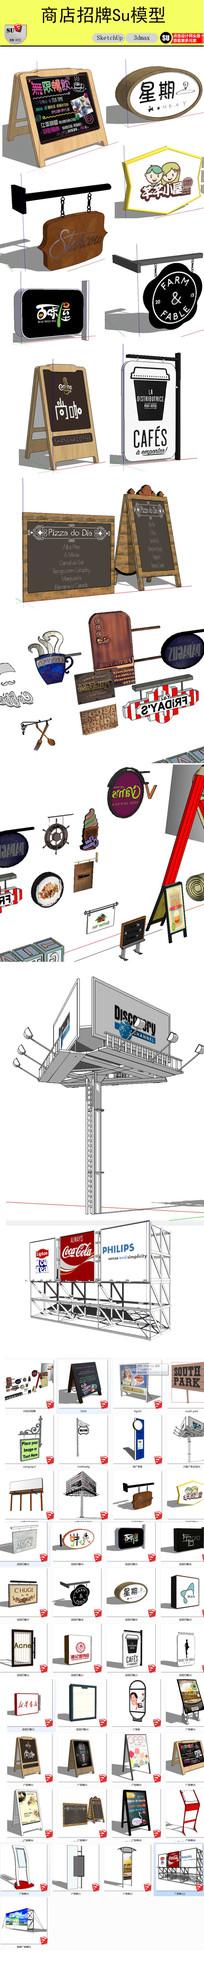 商铺店铺广告牌SU模型